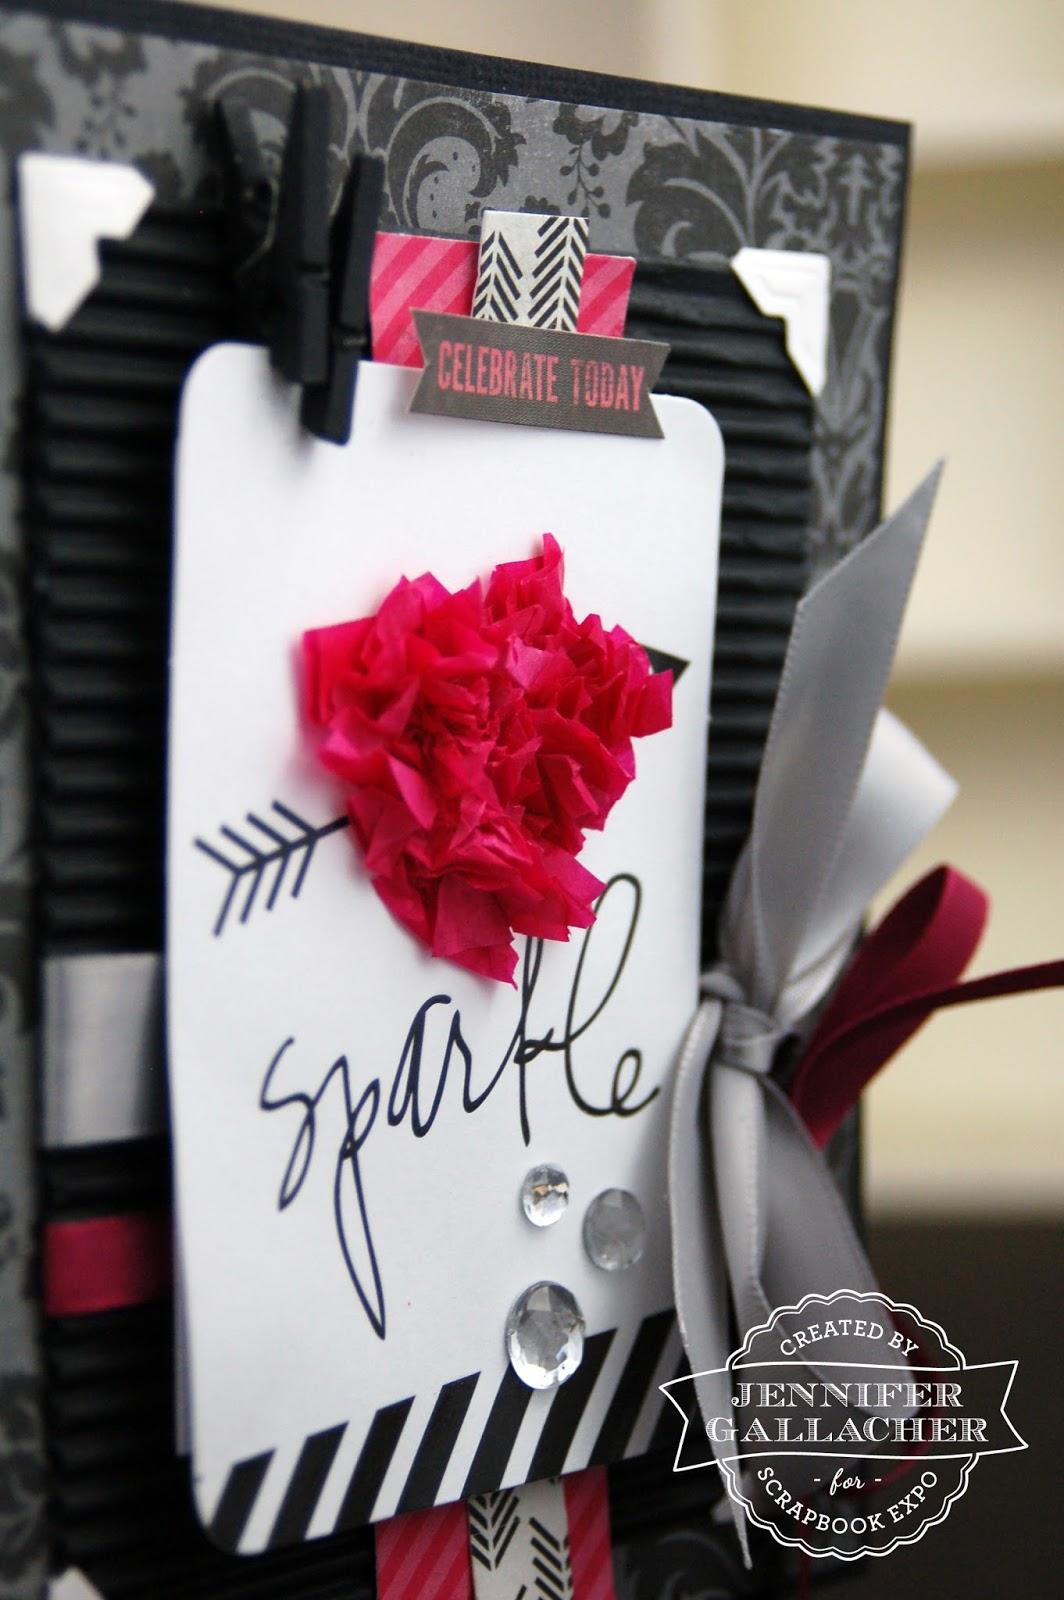 http://4.bp.blogspot.com/-9vUgPHdQnHc/VLbGSO9GJ3I/AAAAAAAATyc/uBCueP5ZMak/s1600/Tissue-Paper-Heart-Card-by-Jen-Gallacher-Close-Up.jpg